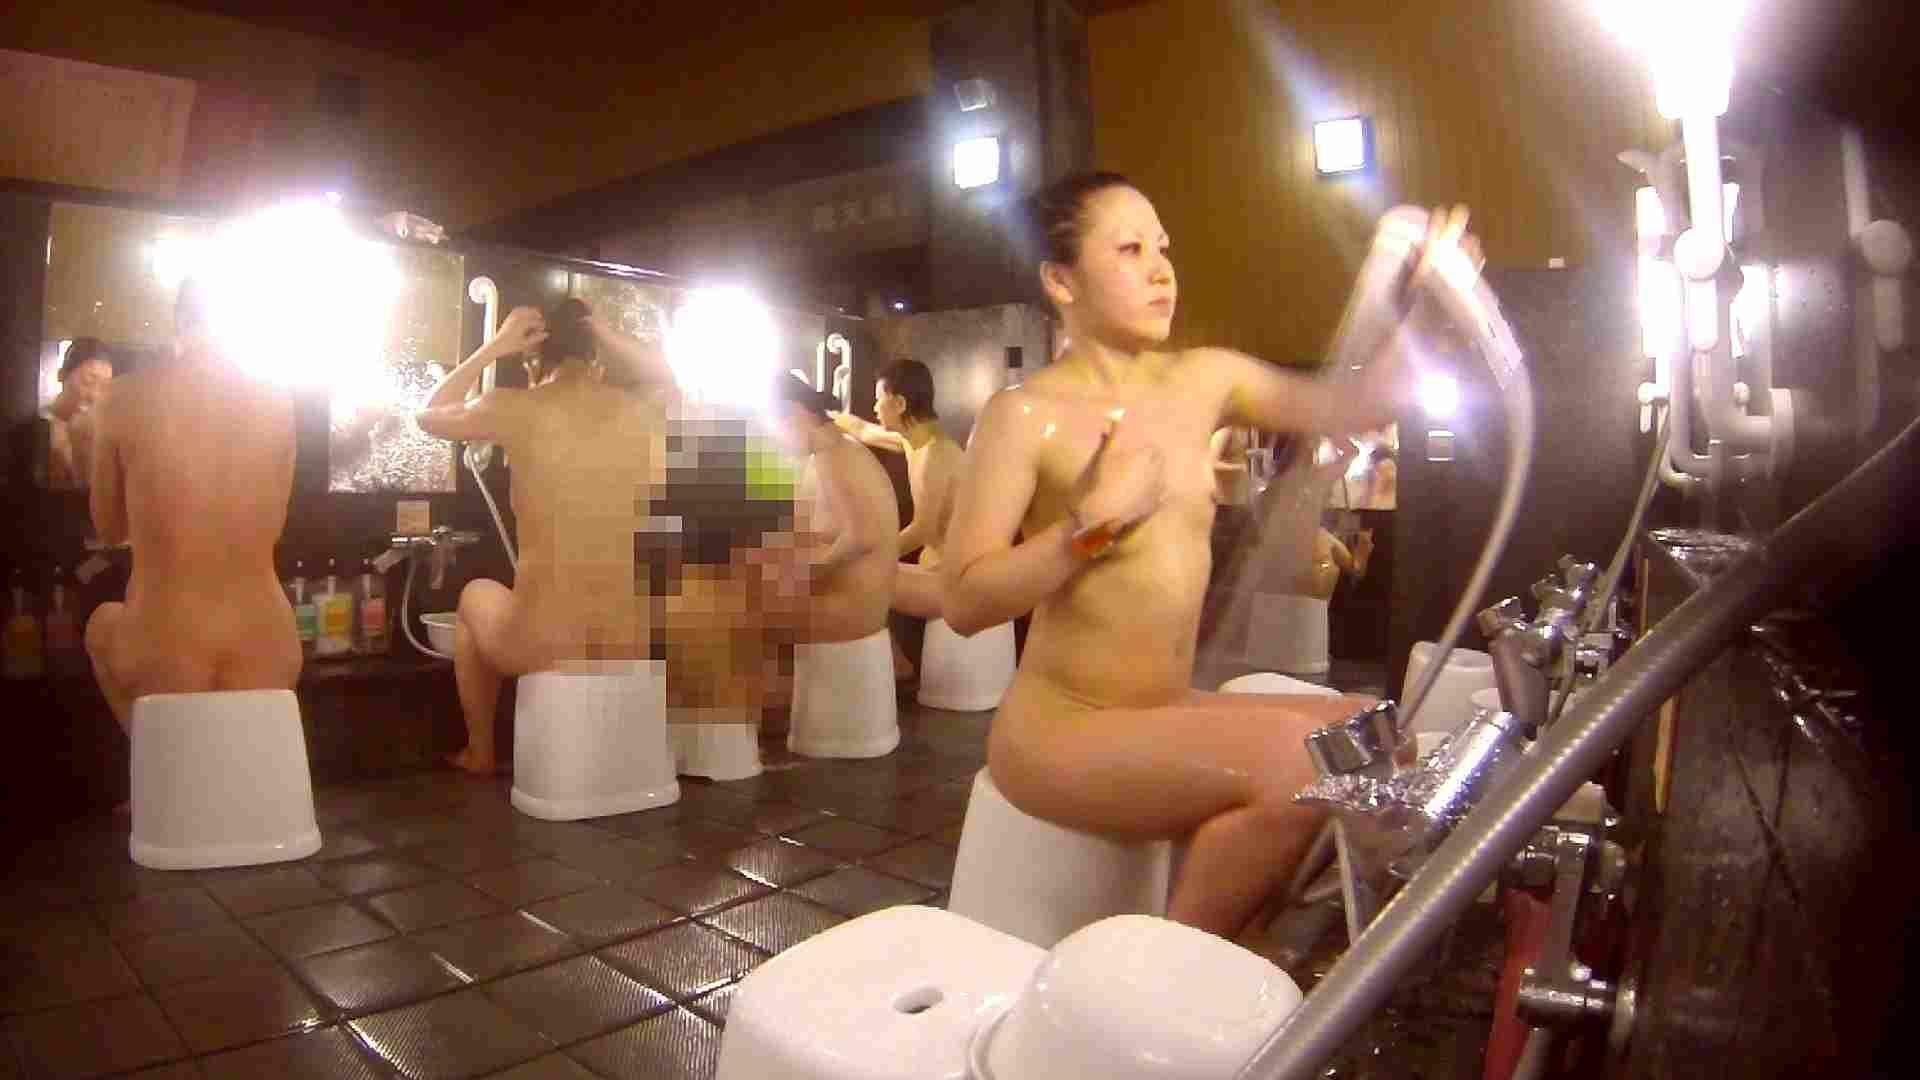 洗い場!貧乳ケバギャル発見! 細身・スレンダー ヌード画像 56画像 44